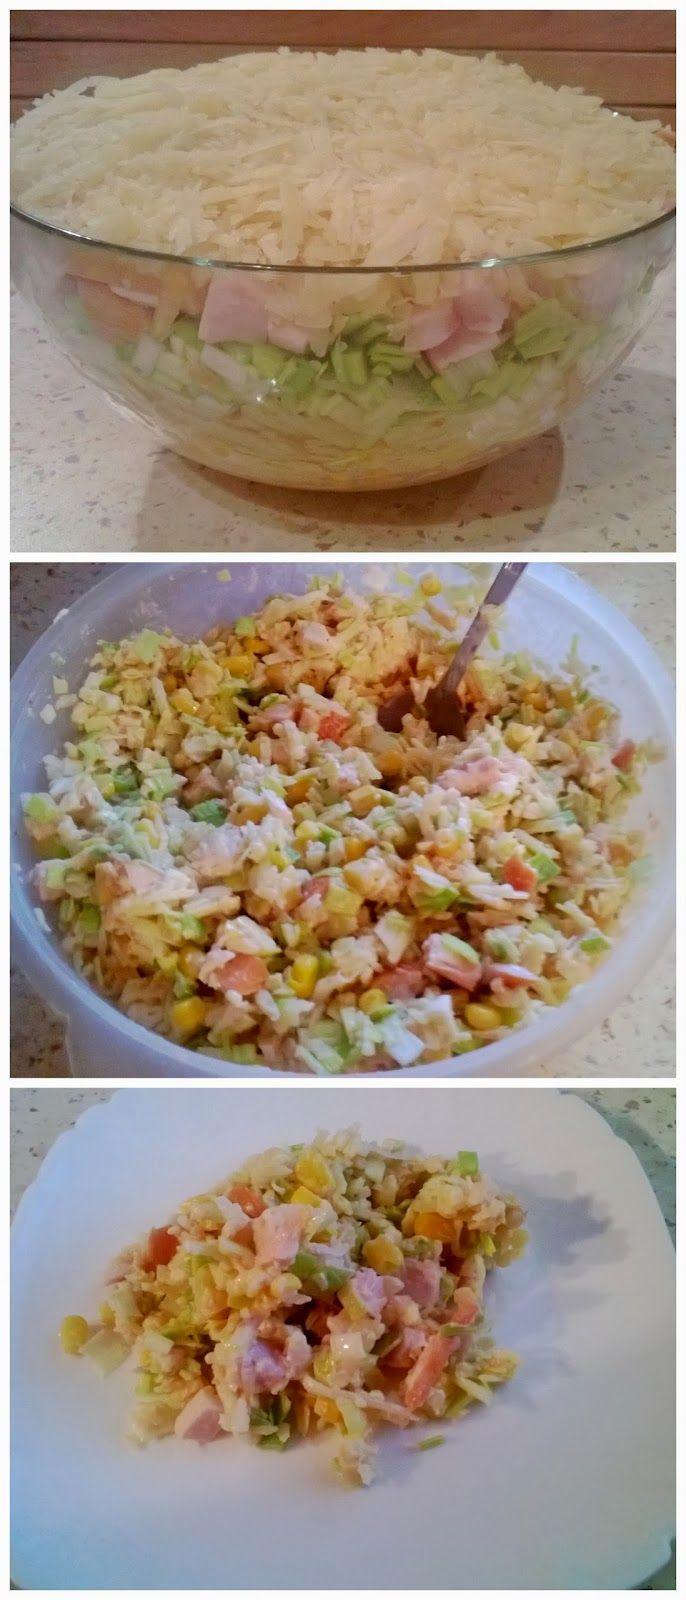 Zdrowo i dietetycznie. Moja rzeczywistość: Zdrowa sałatka (z selerem konserwowym, kukurydzą, jabłkiem, kurczakiem...)